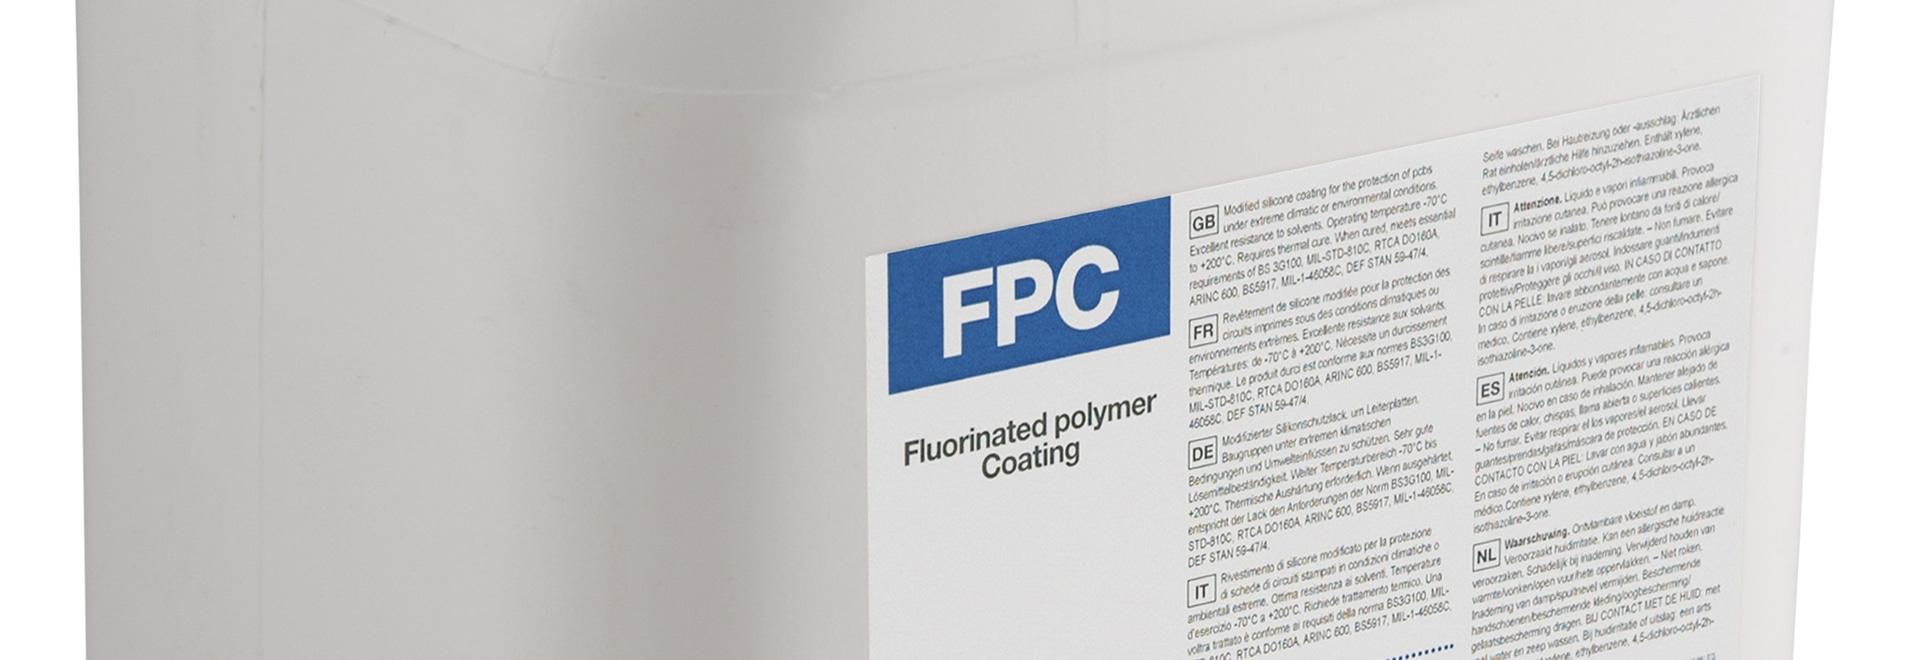 Le FPC d'Electrolube obtient l'approbation UL94V-0